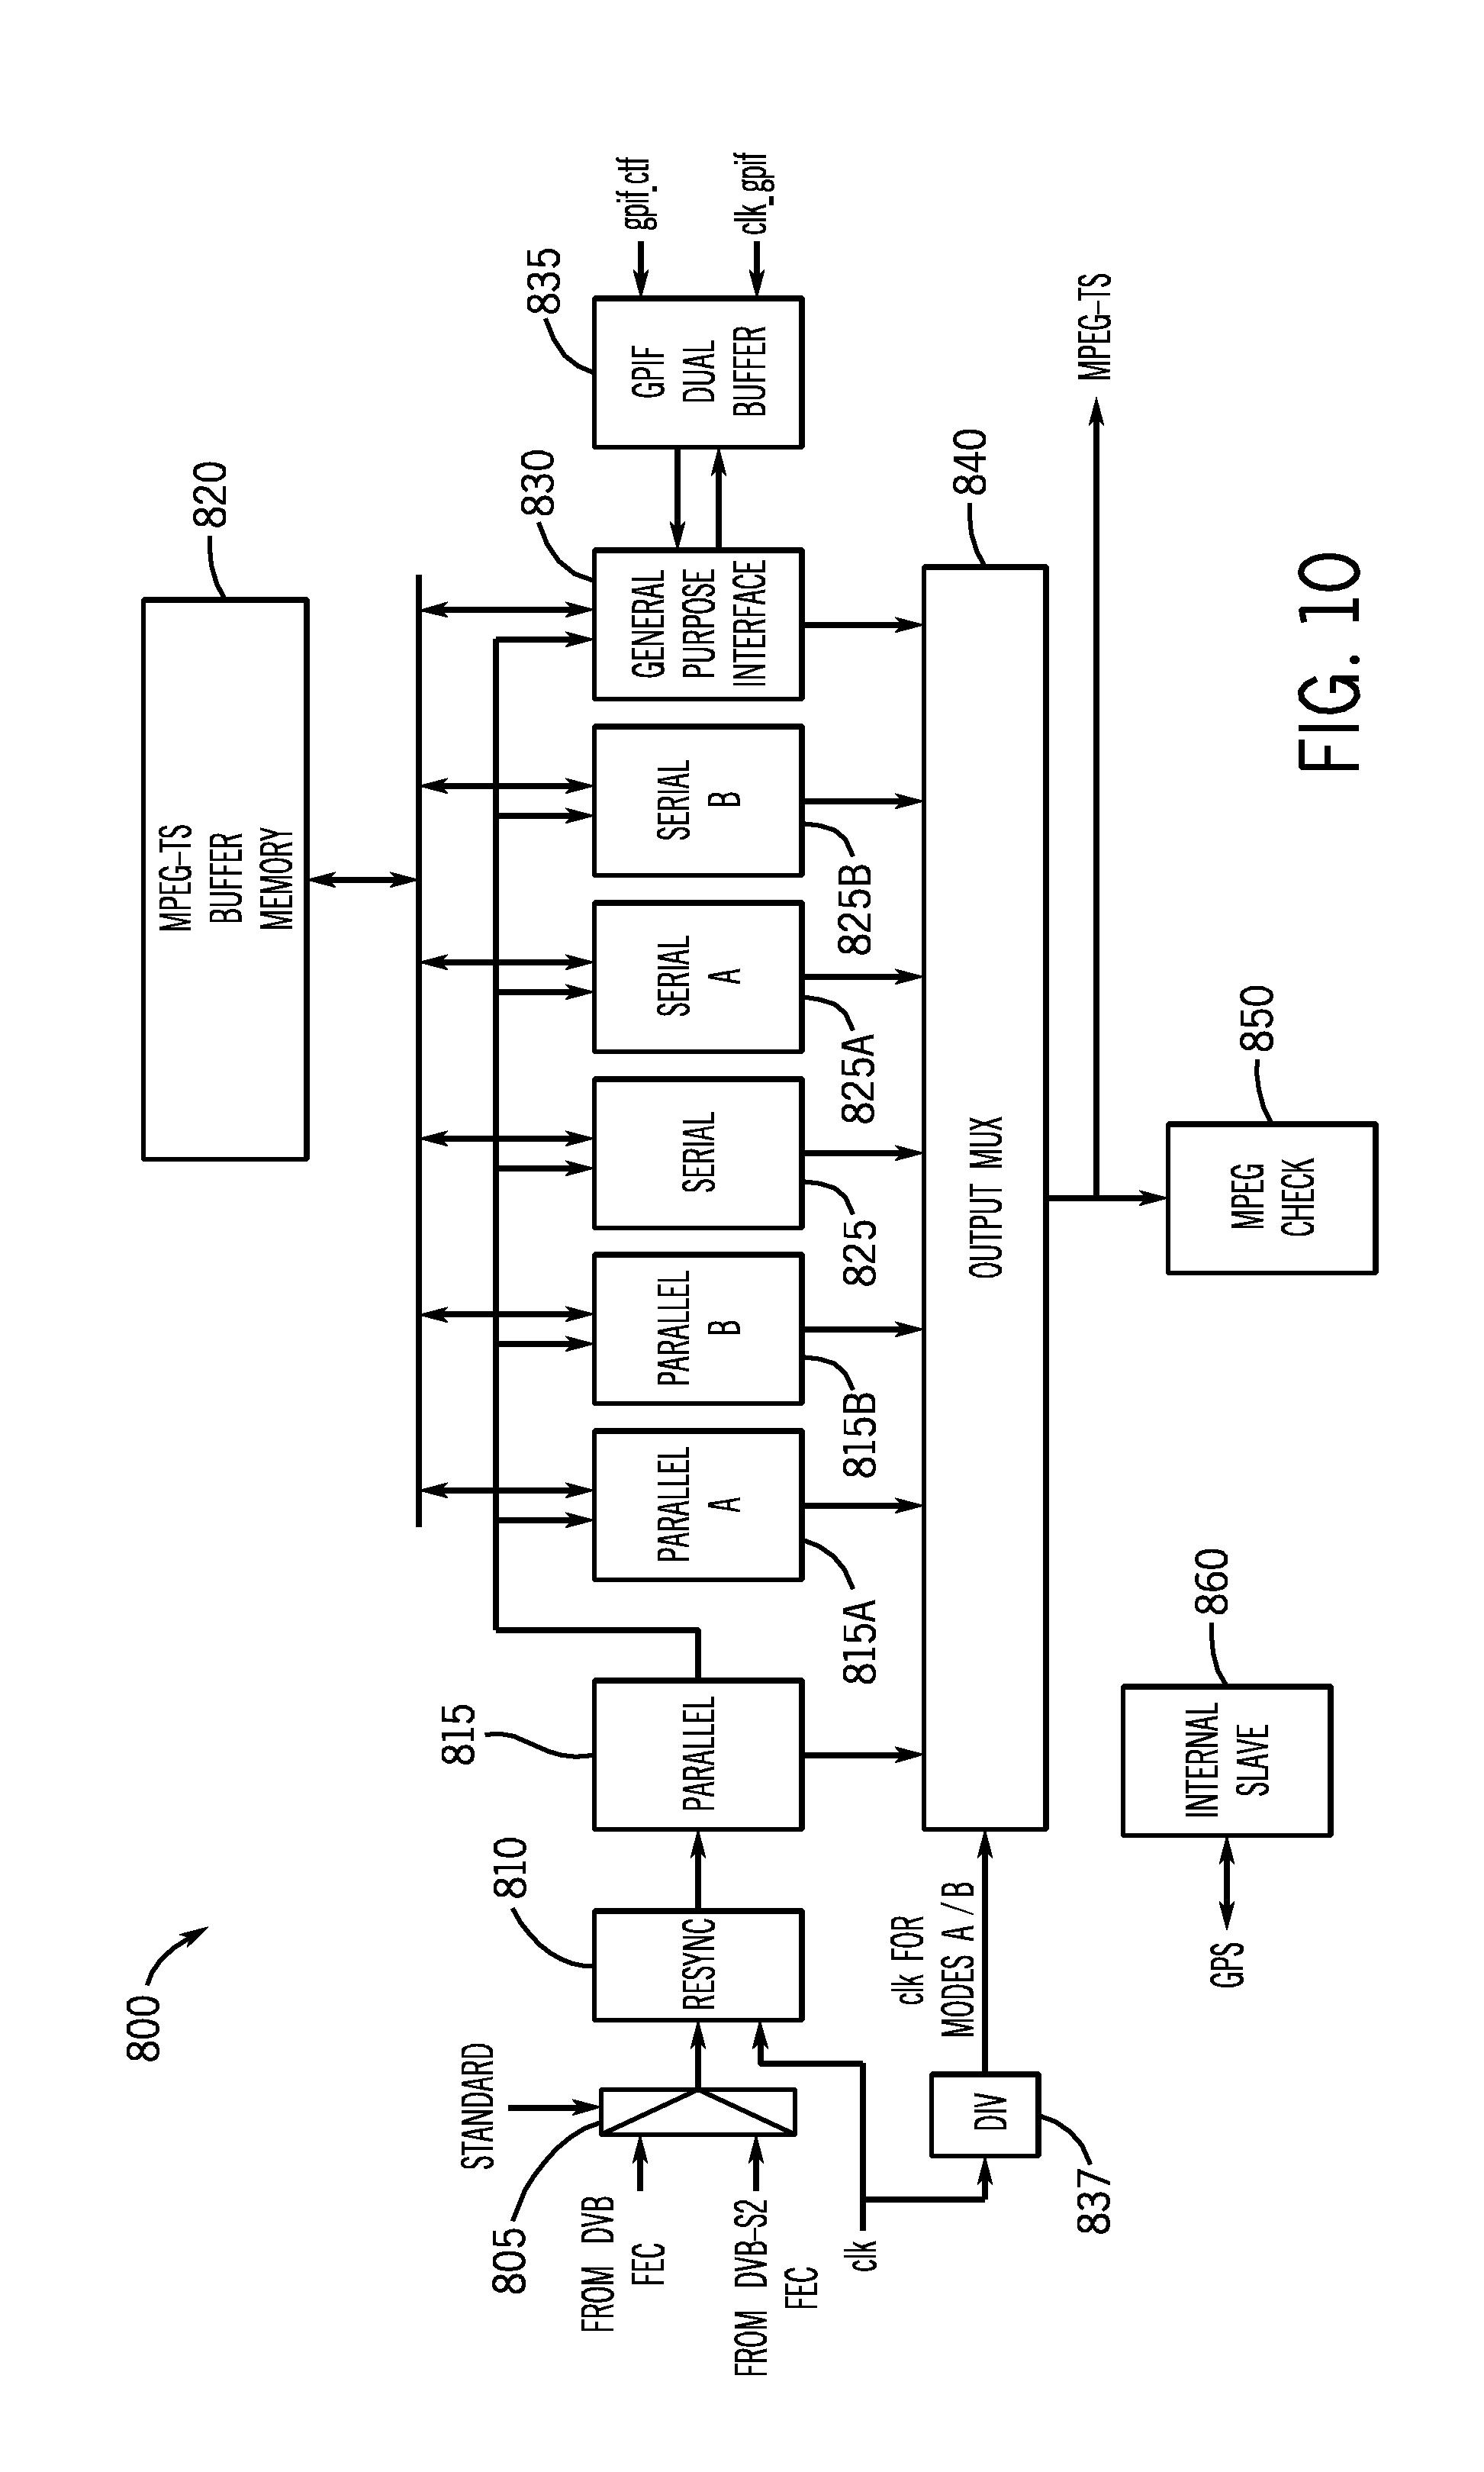 Patent US8237869 - Multi-standard digital demodulator for TV ... on john deere l120 wiring diagram, john deere x324 wiring diagram, john deere lawn tractor electrical diagram, john deere x495 wiring diagram, john deere ignition switch diagram, john deere 4010 wiring-diagram, john deere mower wiring diagram, john deere lx280 wiring diagram, john deere 4430 wiring-diagram, john deere gx335 wiring diagram, john deere sx85 wiring diagram, john deere g100 wiring diagram, john deere 455 wiring-diagram, john deere la115 wiring diagram, john deere 425 wiring-diagram, john deere gt245 wiring diagram, john deere x720 wiring diagram, john deere ignition wiring diagram, john deere gx95 wiring diagram, john deere lt180 wiring diagram,